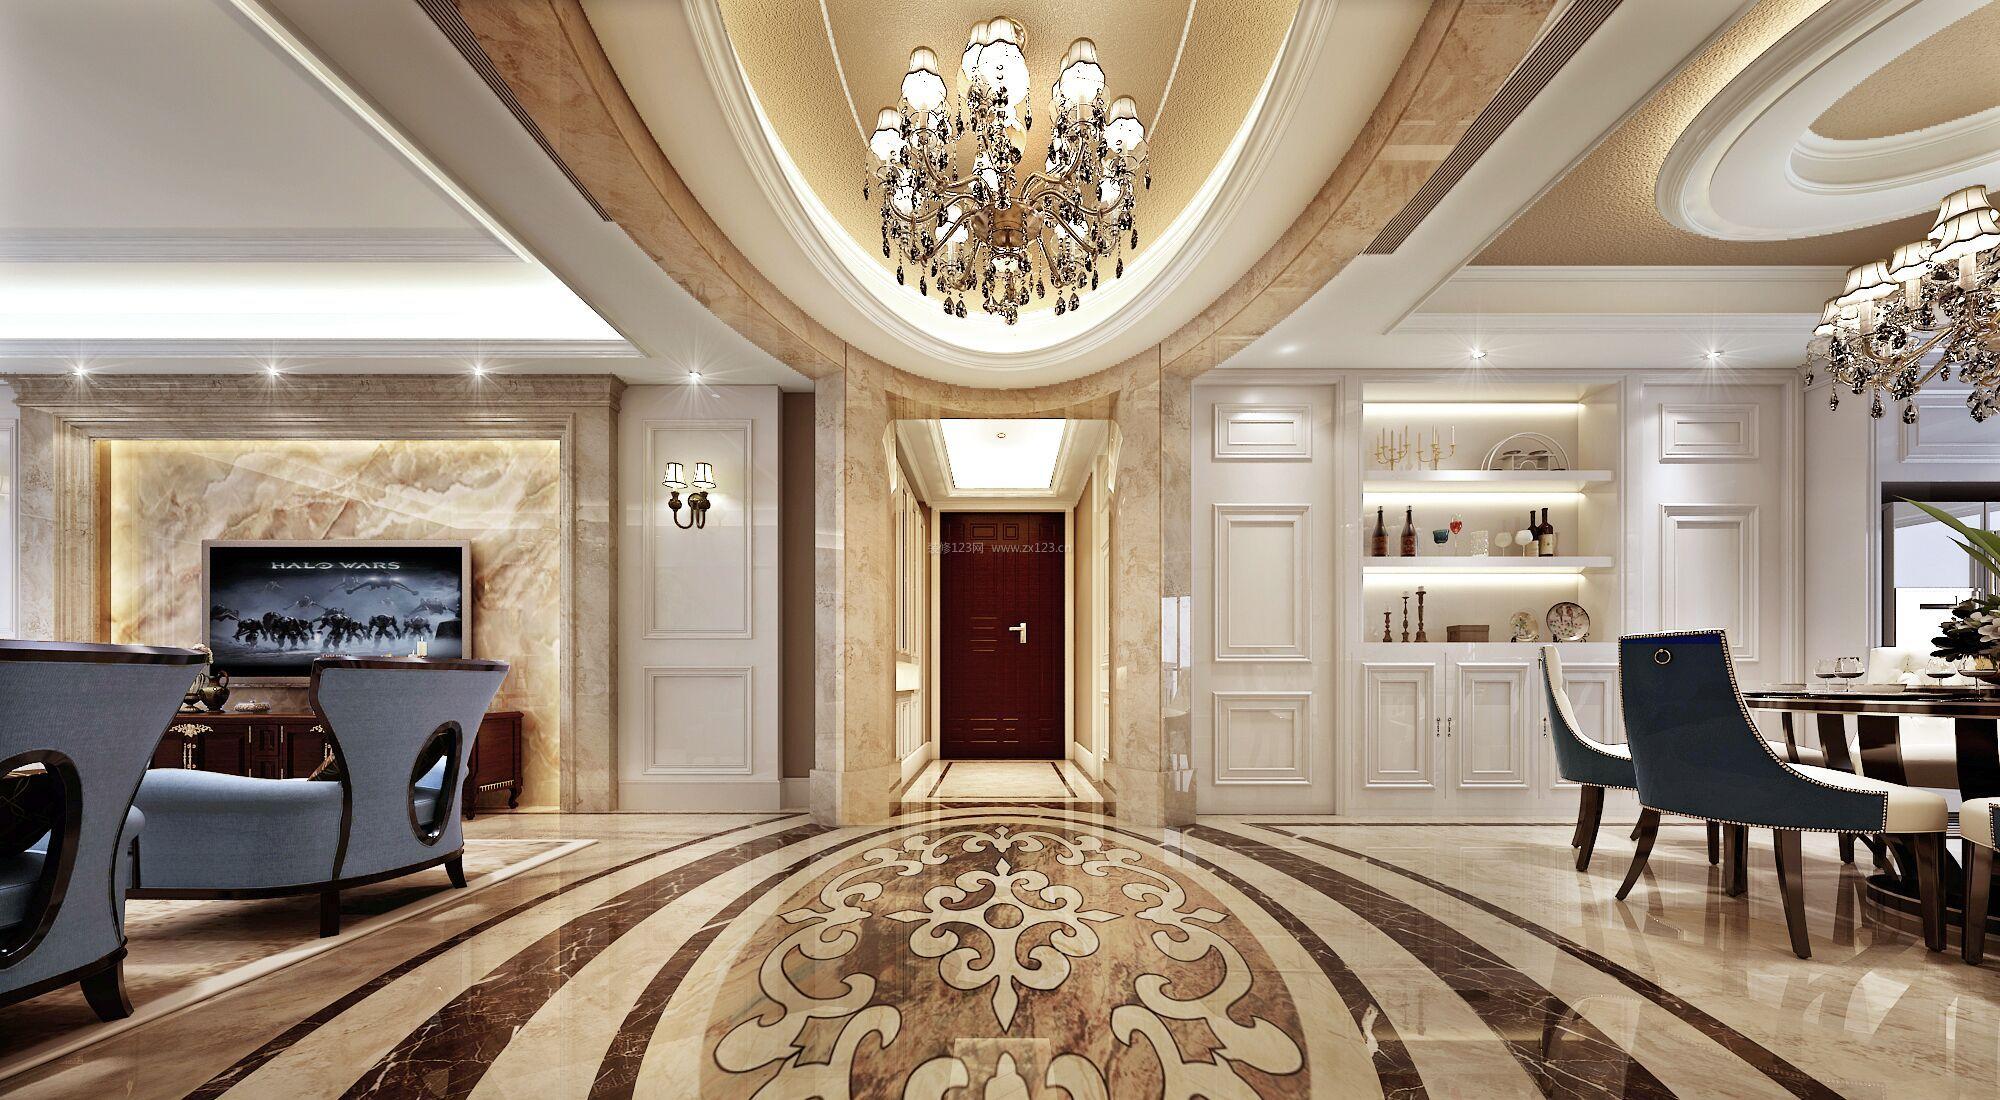 欧式古典风格别墅拼花地砖装修效果图片图片